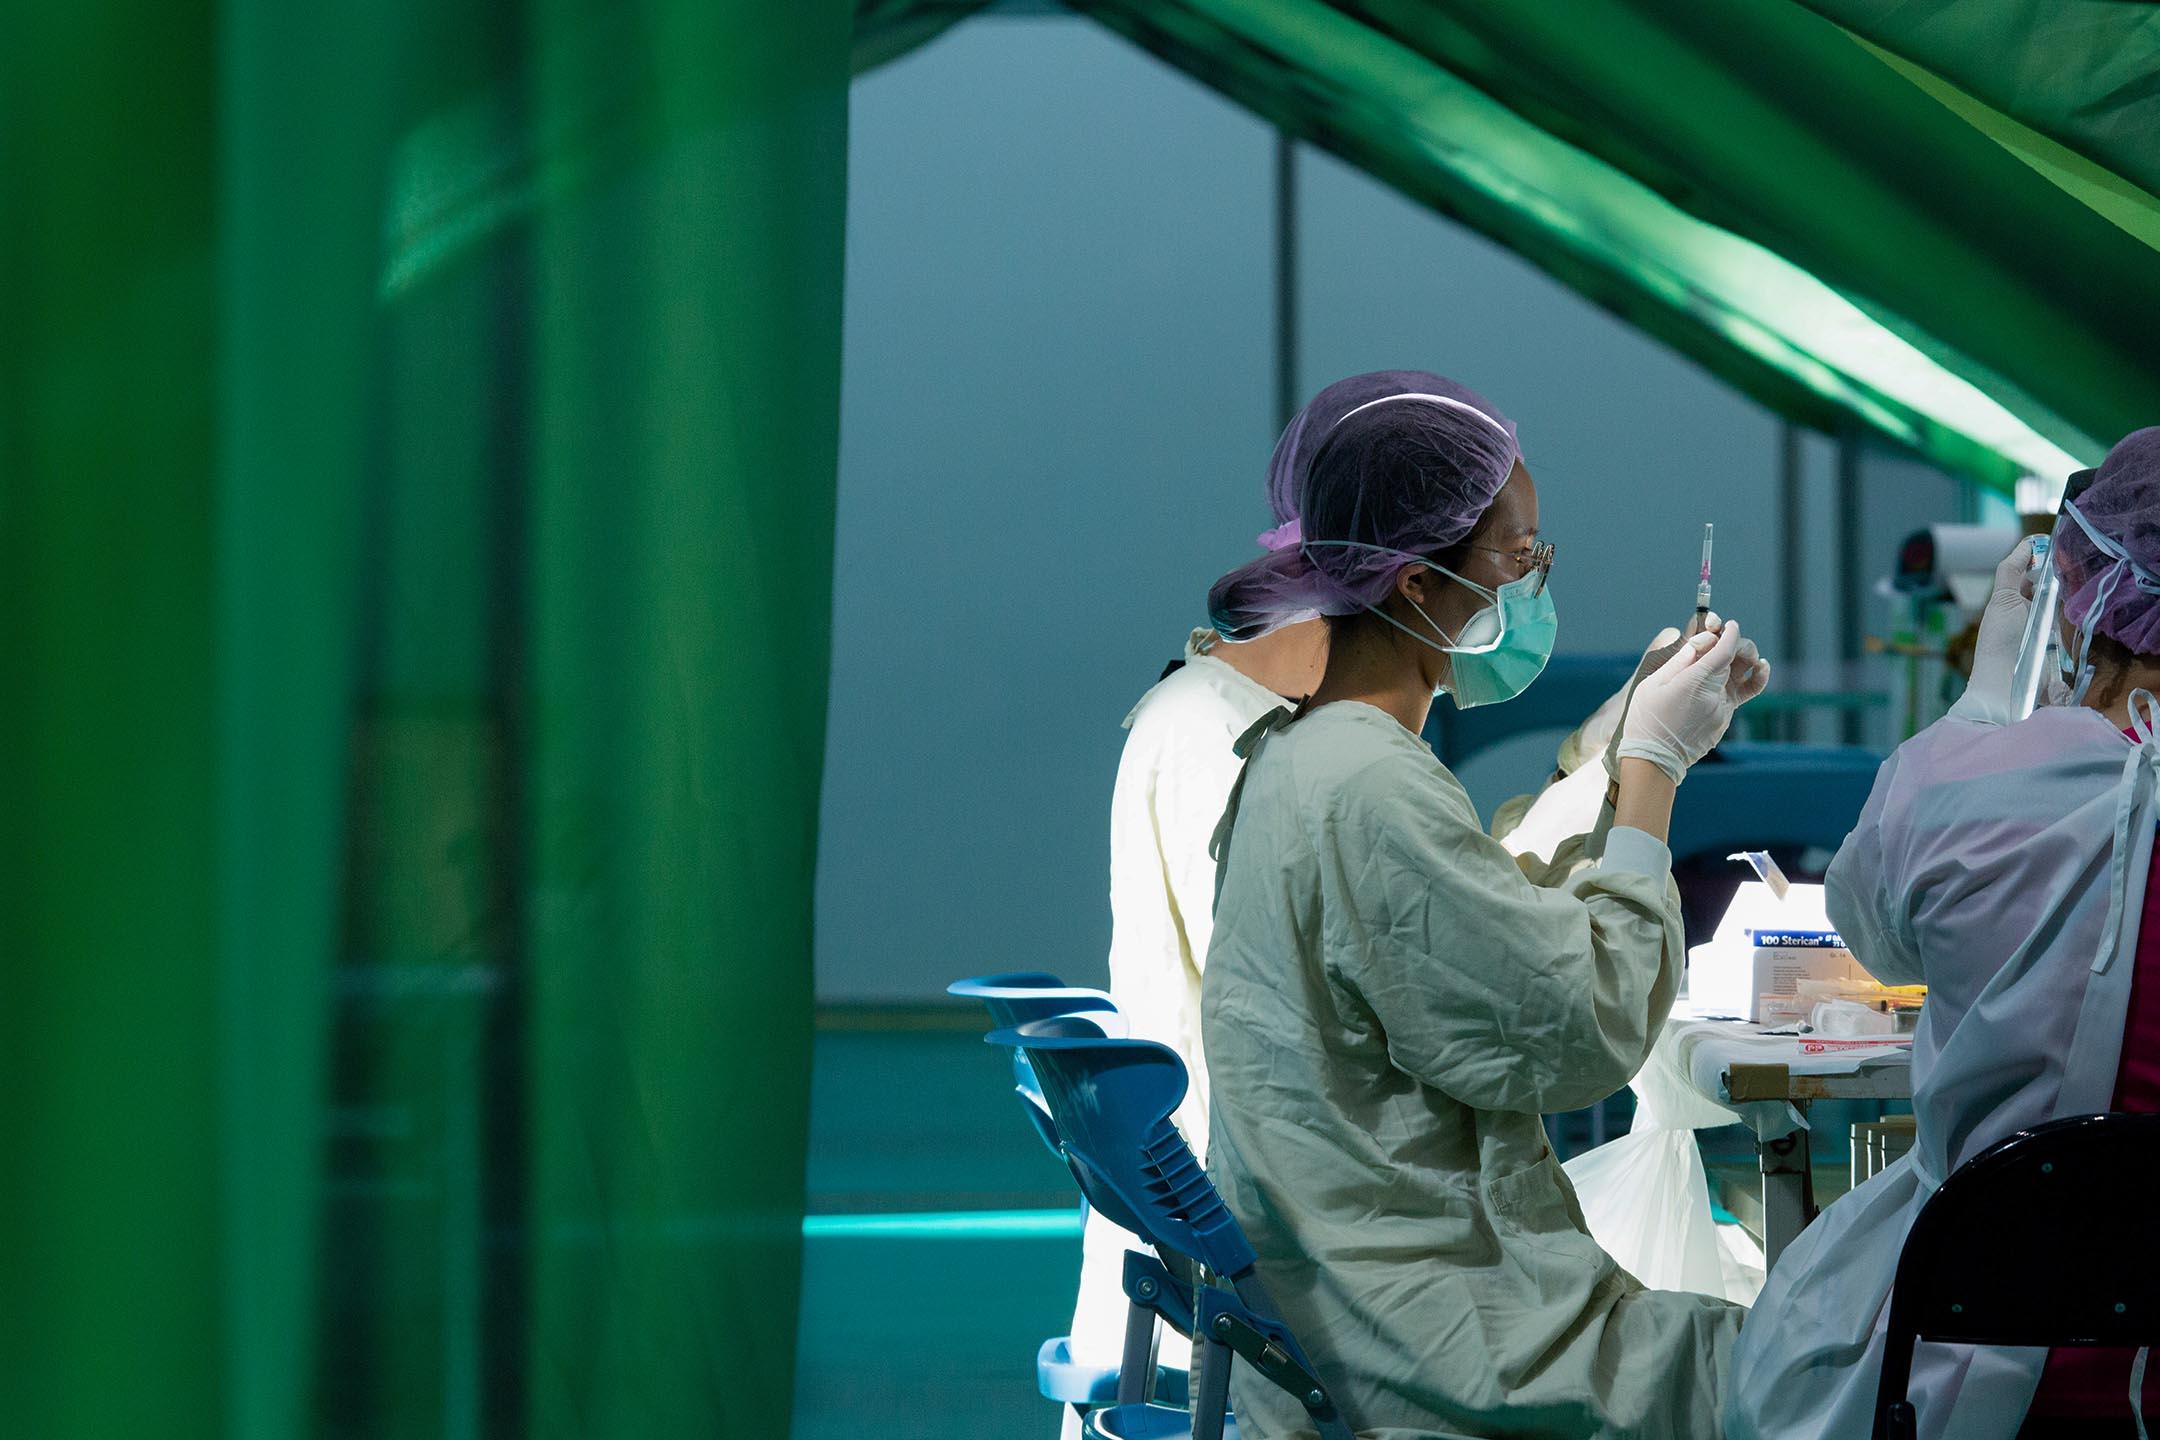 2021年7月2日台灣,醫護人員準備爲市民接種疫苗。